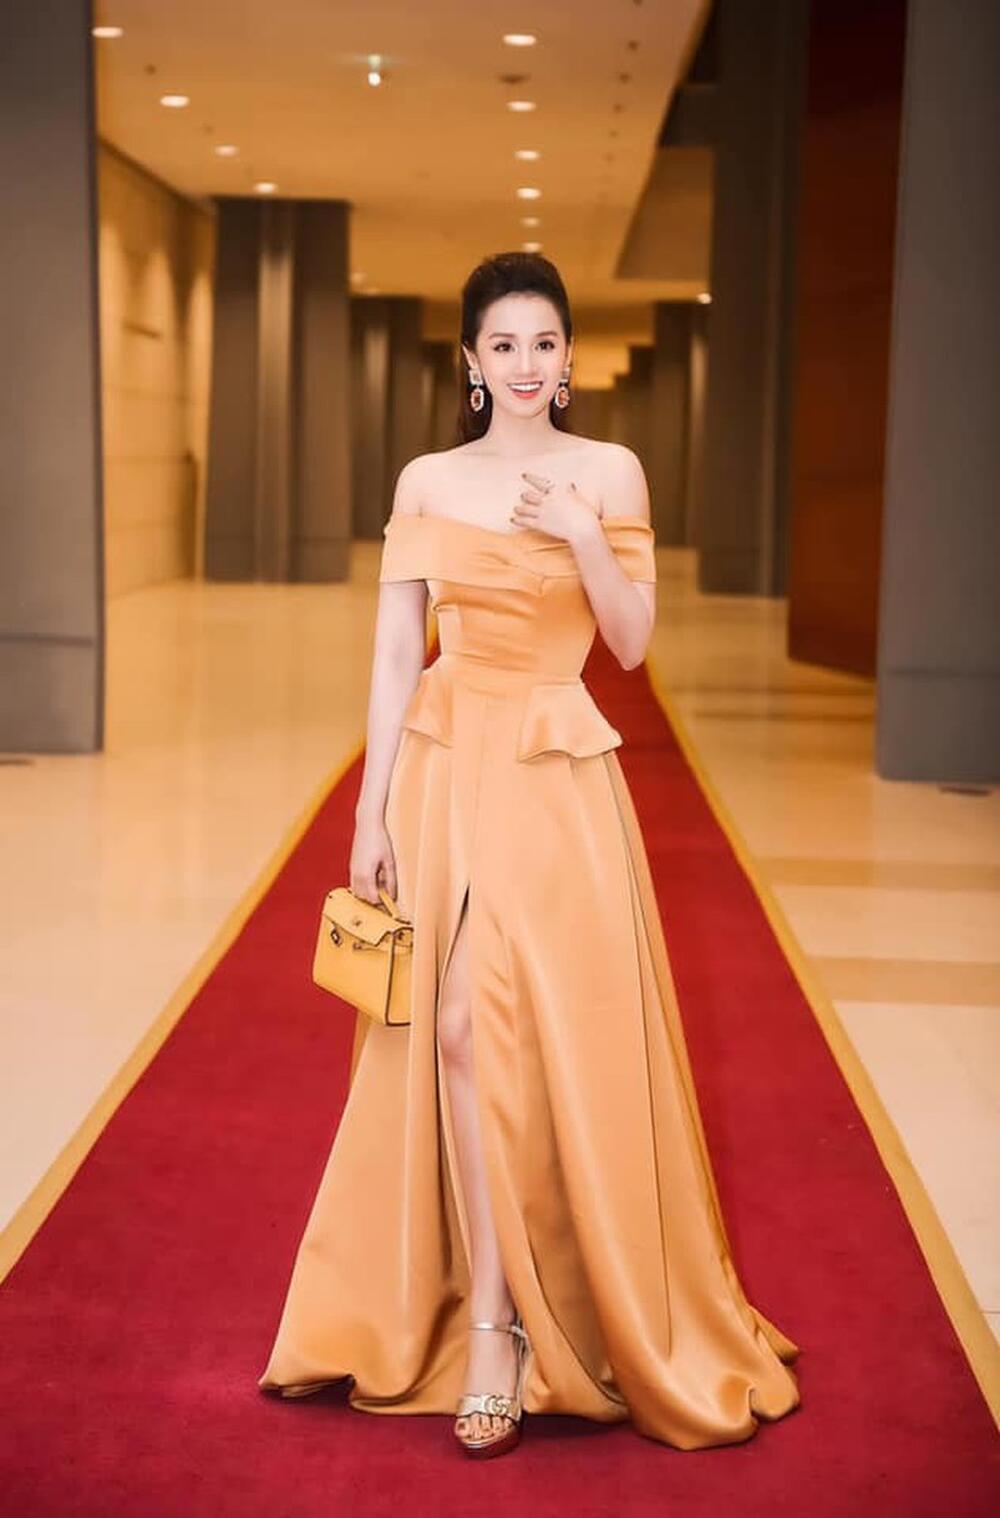 Lã Thanh Huyền khoe khoảnh khắc 10 năm trước chụp cùng nữ diễn viên Hàn Quốc vừa nhận giải Oscar Ảnh 2